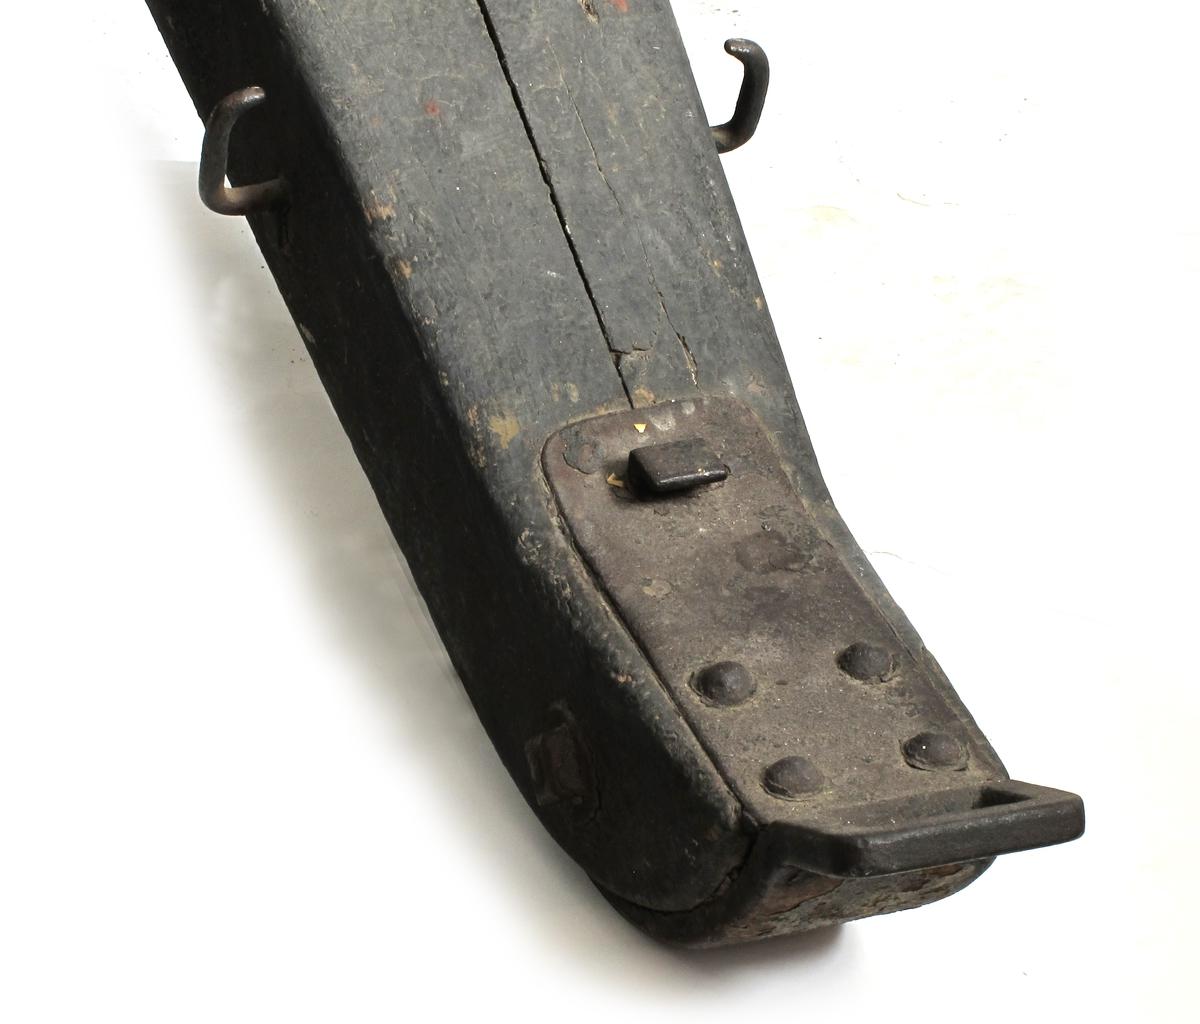 Lavett,  til munnladningskanon.  Høydeinnstillingsskrue mangler.  12-ekers hjul, jernmeier.avsmalnende  kanonholder av eik med jernbeslag,  sortmalt. Undersiden er  rundet i forkant, med jernbeslag over og under,  over festet med fire runde nagler og en stor  firkantet. Ytterst firkantet trekk hank.  Tilstand: beslagene rustne. Et lite halvrundt  stykke av treet er borte midt bak.